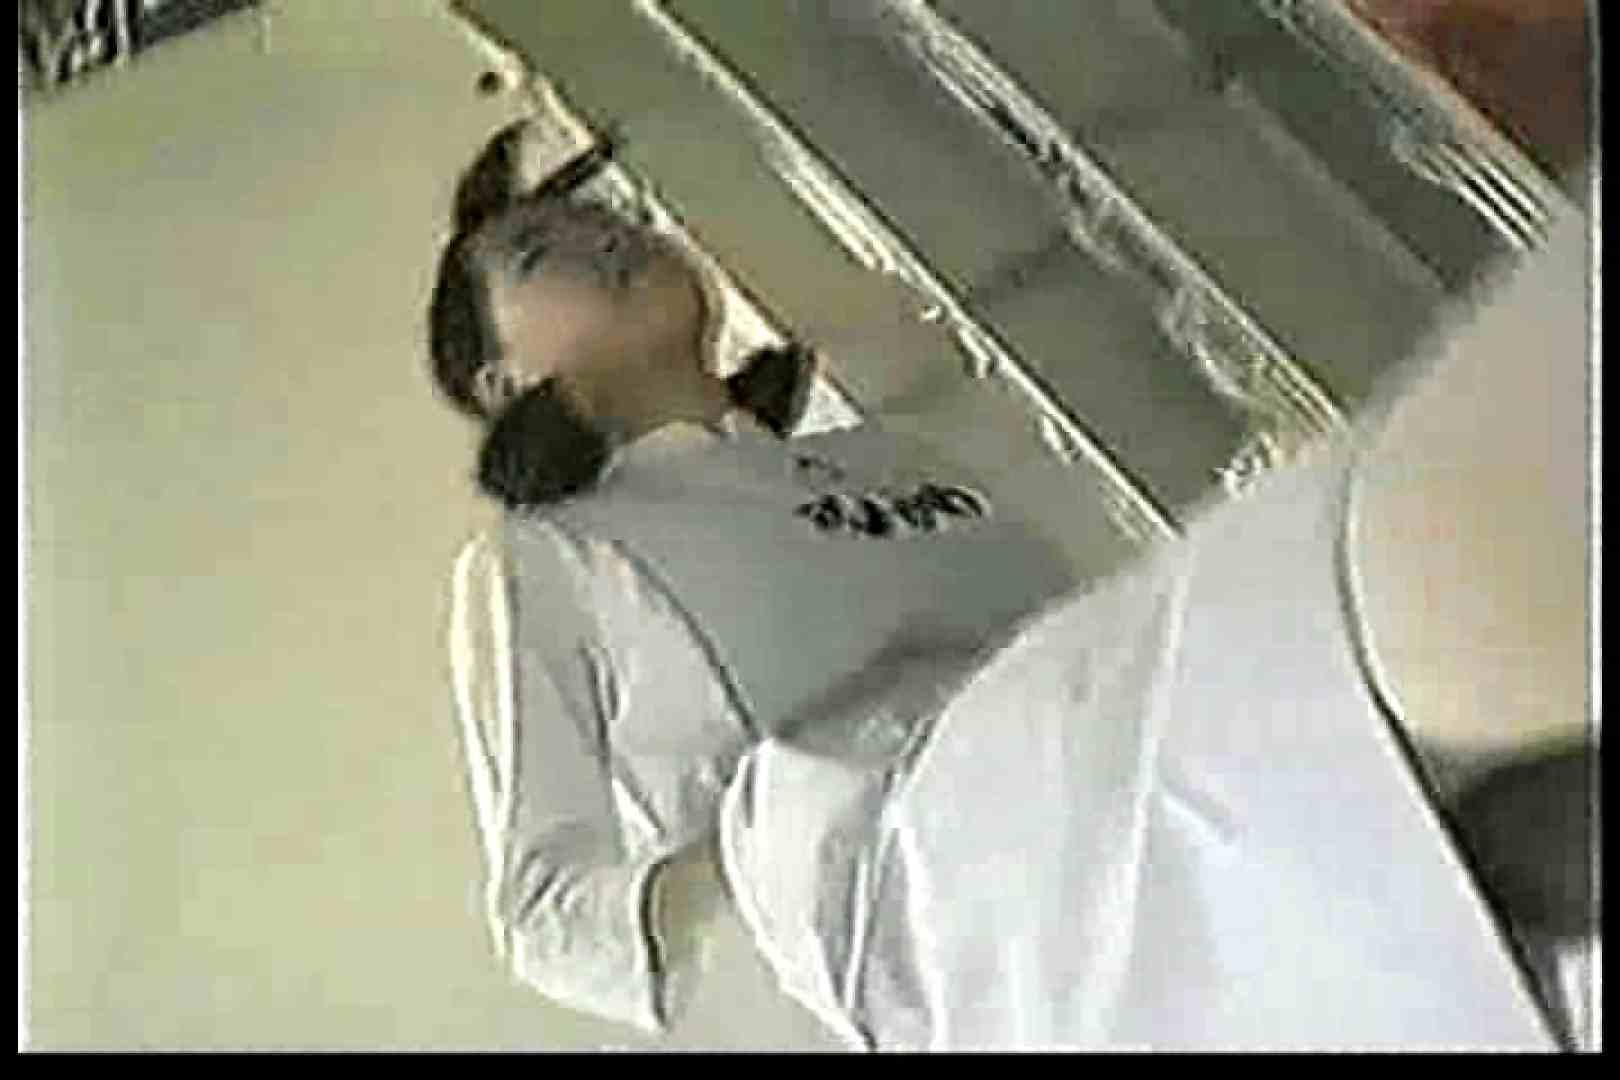 院内密着!看護婦達の下半身事情Vol.2 制服  94pic 48